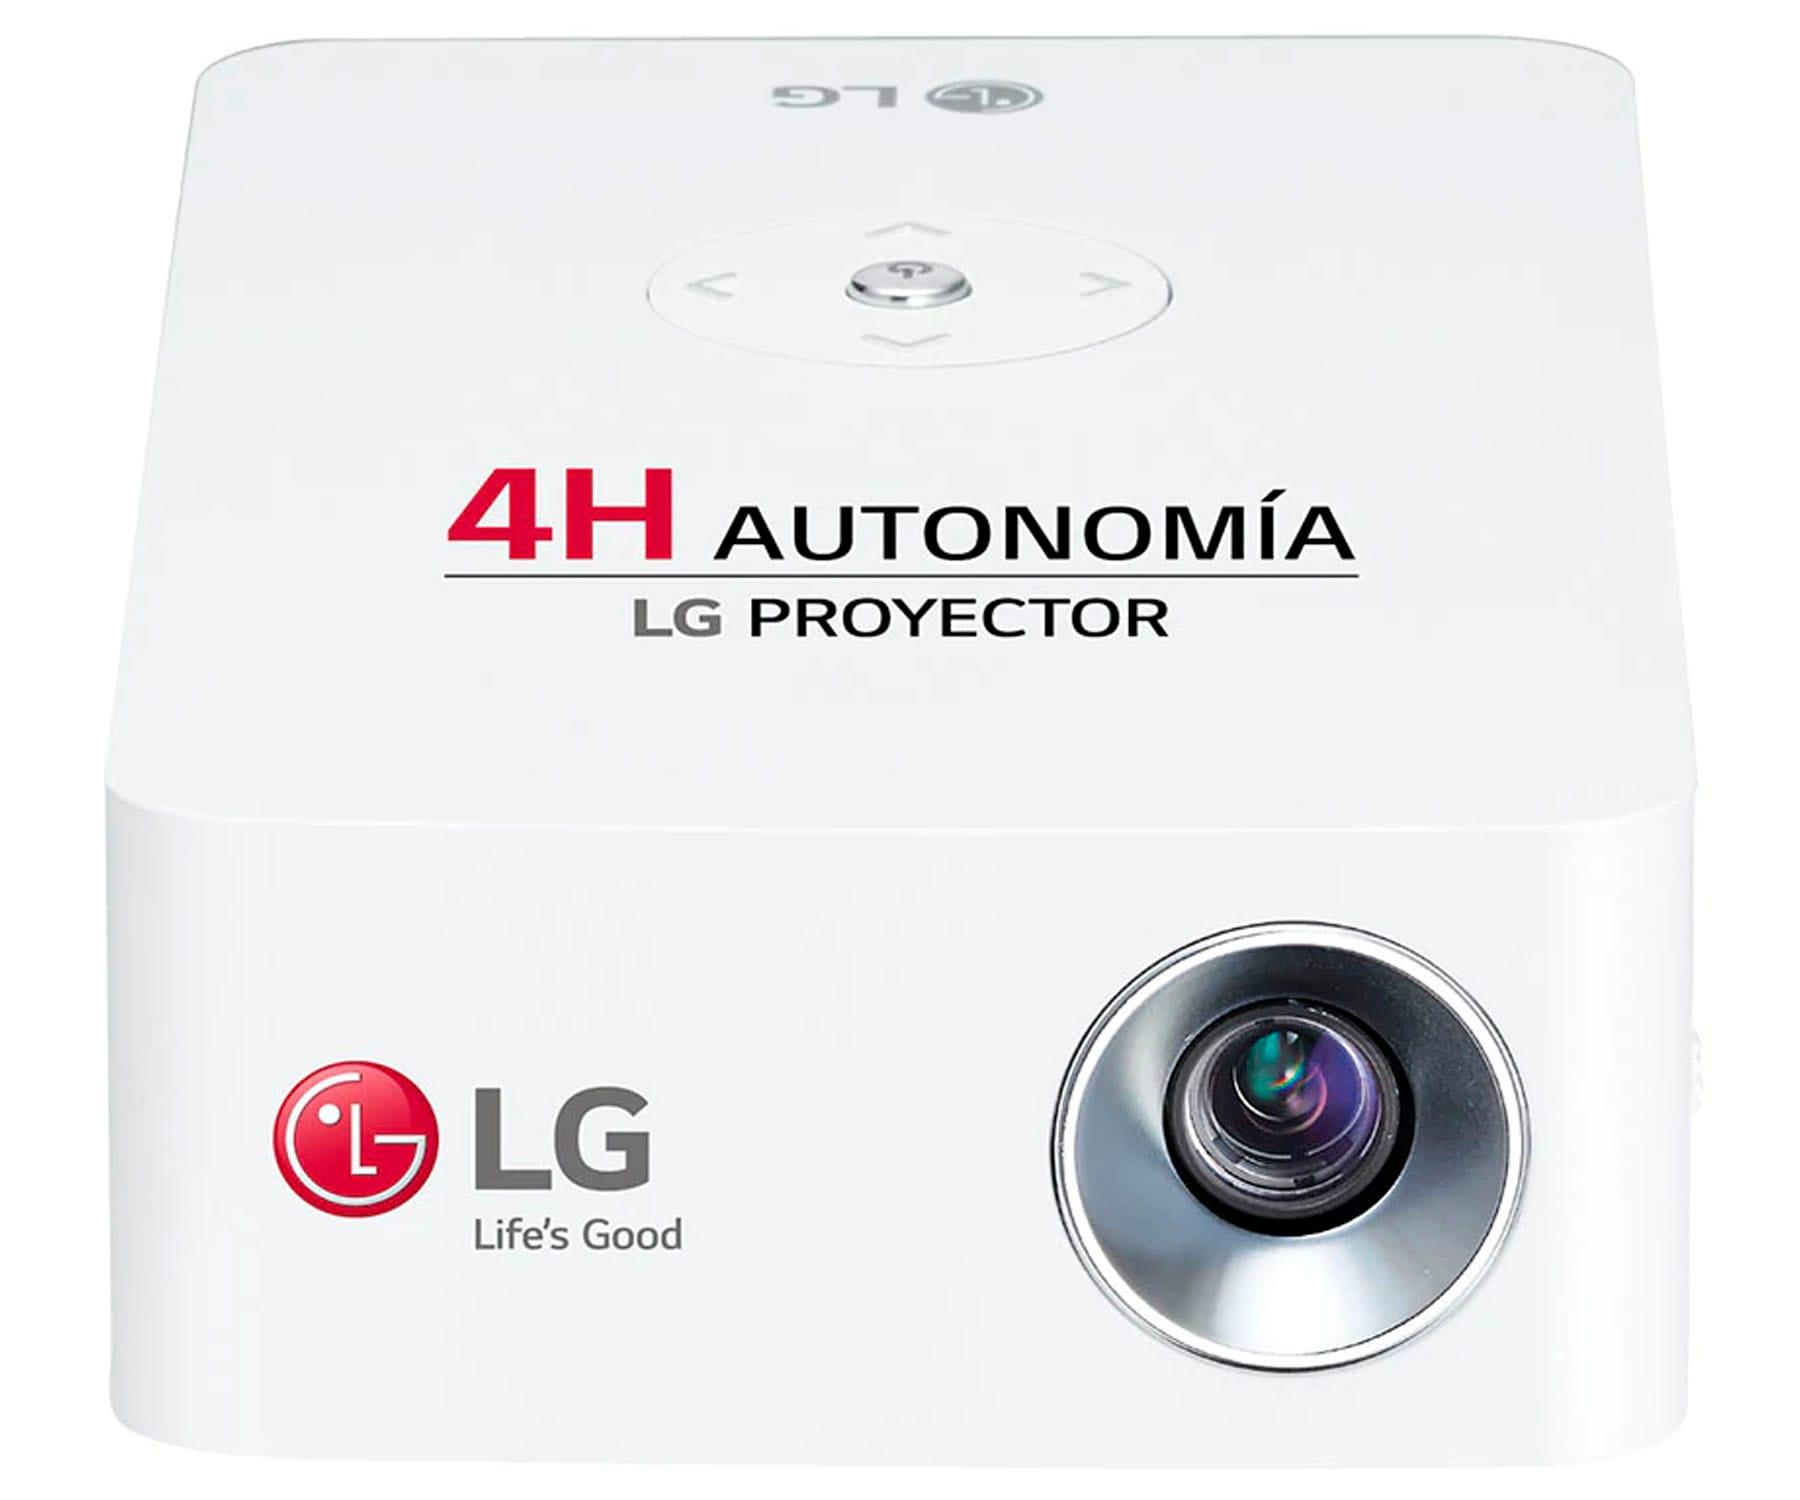 LG PH30JG PROYECTOR PORTÁTIL CINEBEAM 250 LÚMENES HASTA 100'' CON BATERÍA DE HASTA 4H AUTONOMÍA